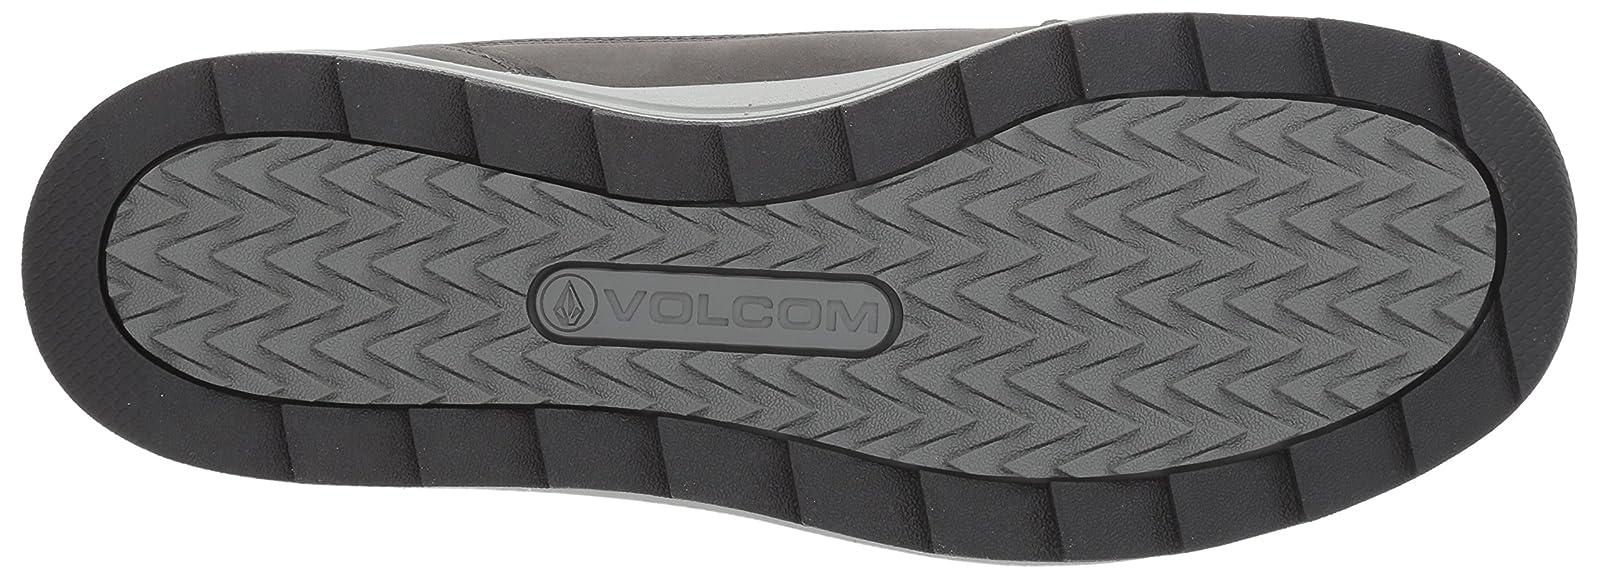 Volcom Men's Roughington Gtx Winter Boot V4031603 - 3